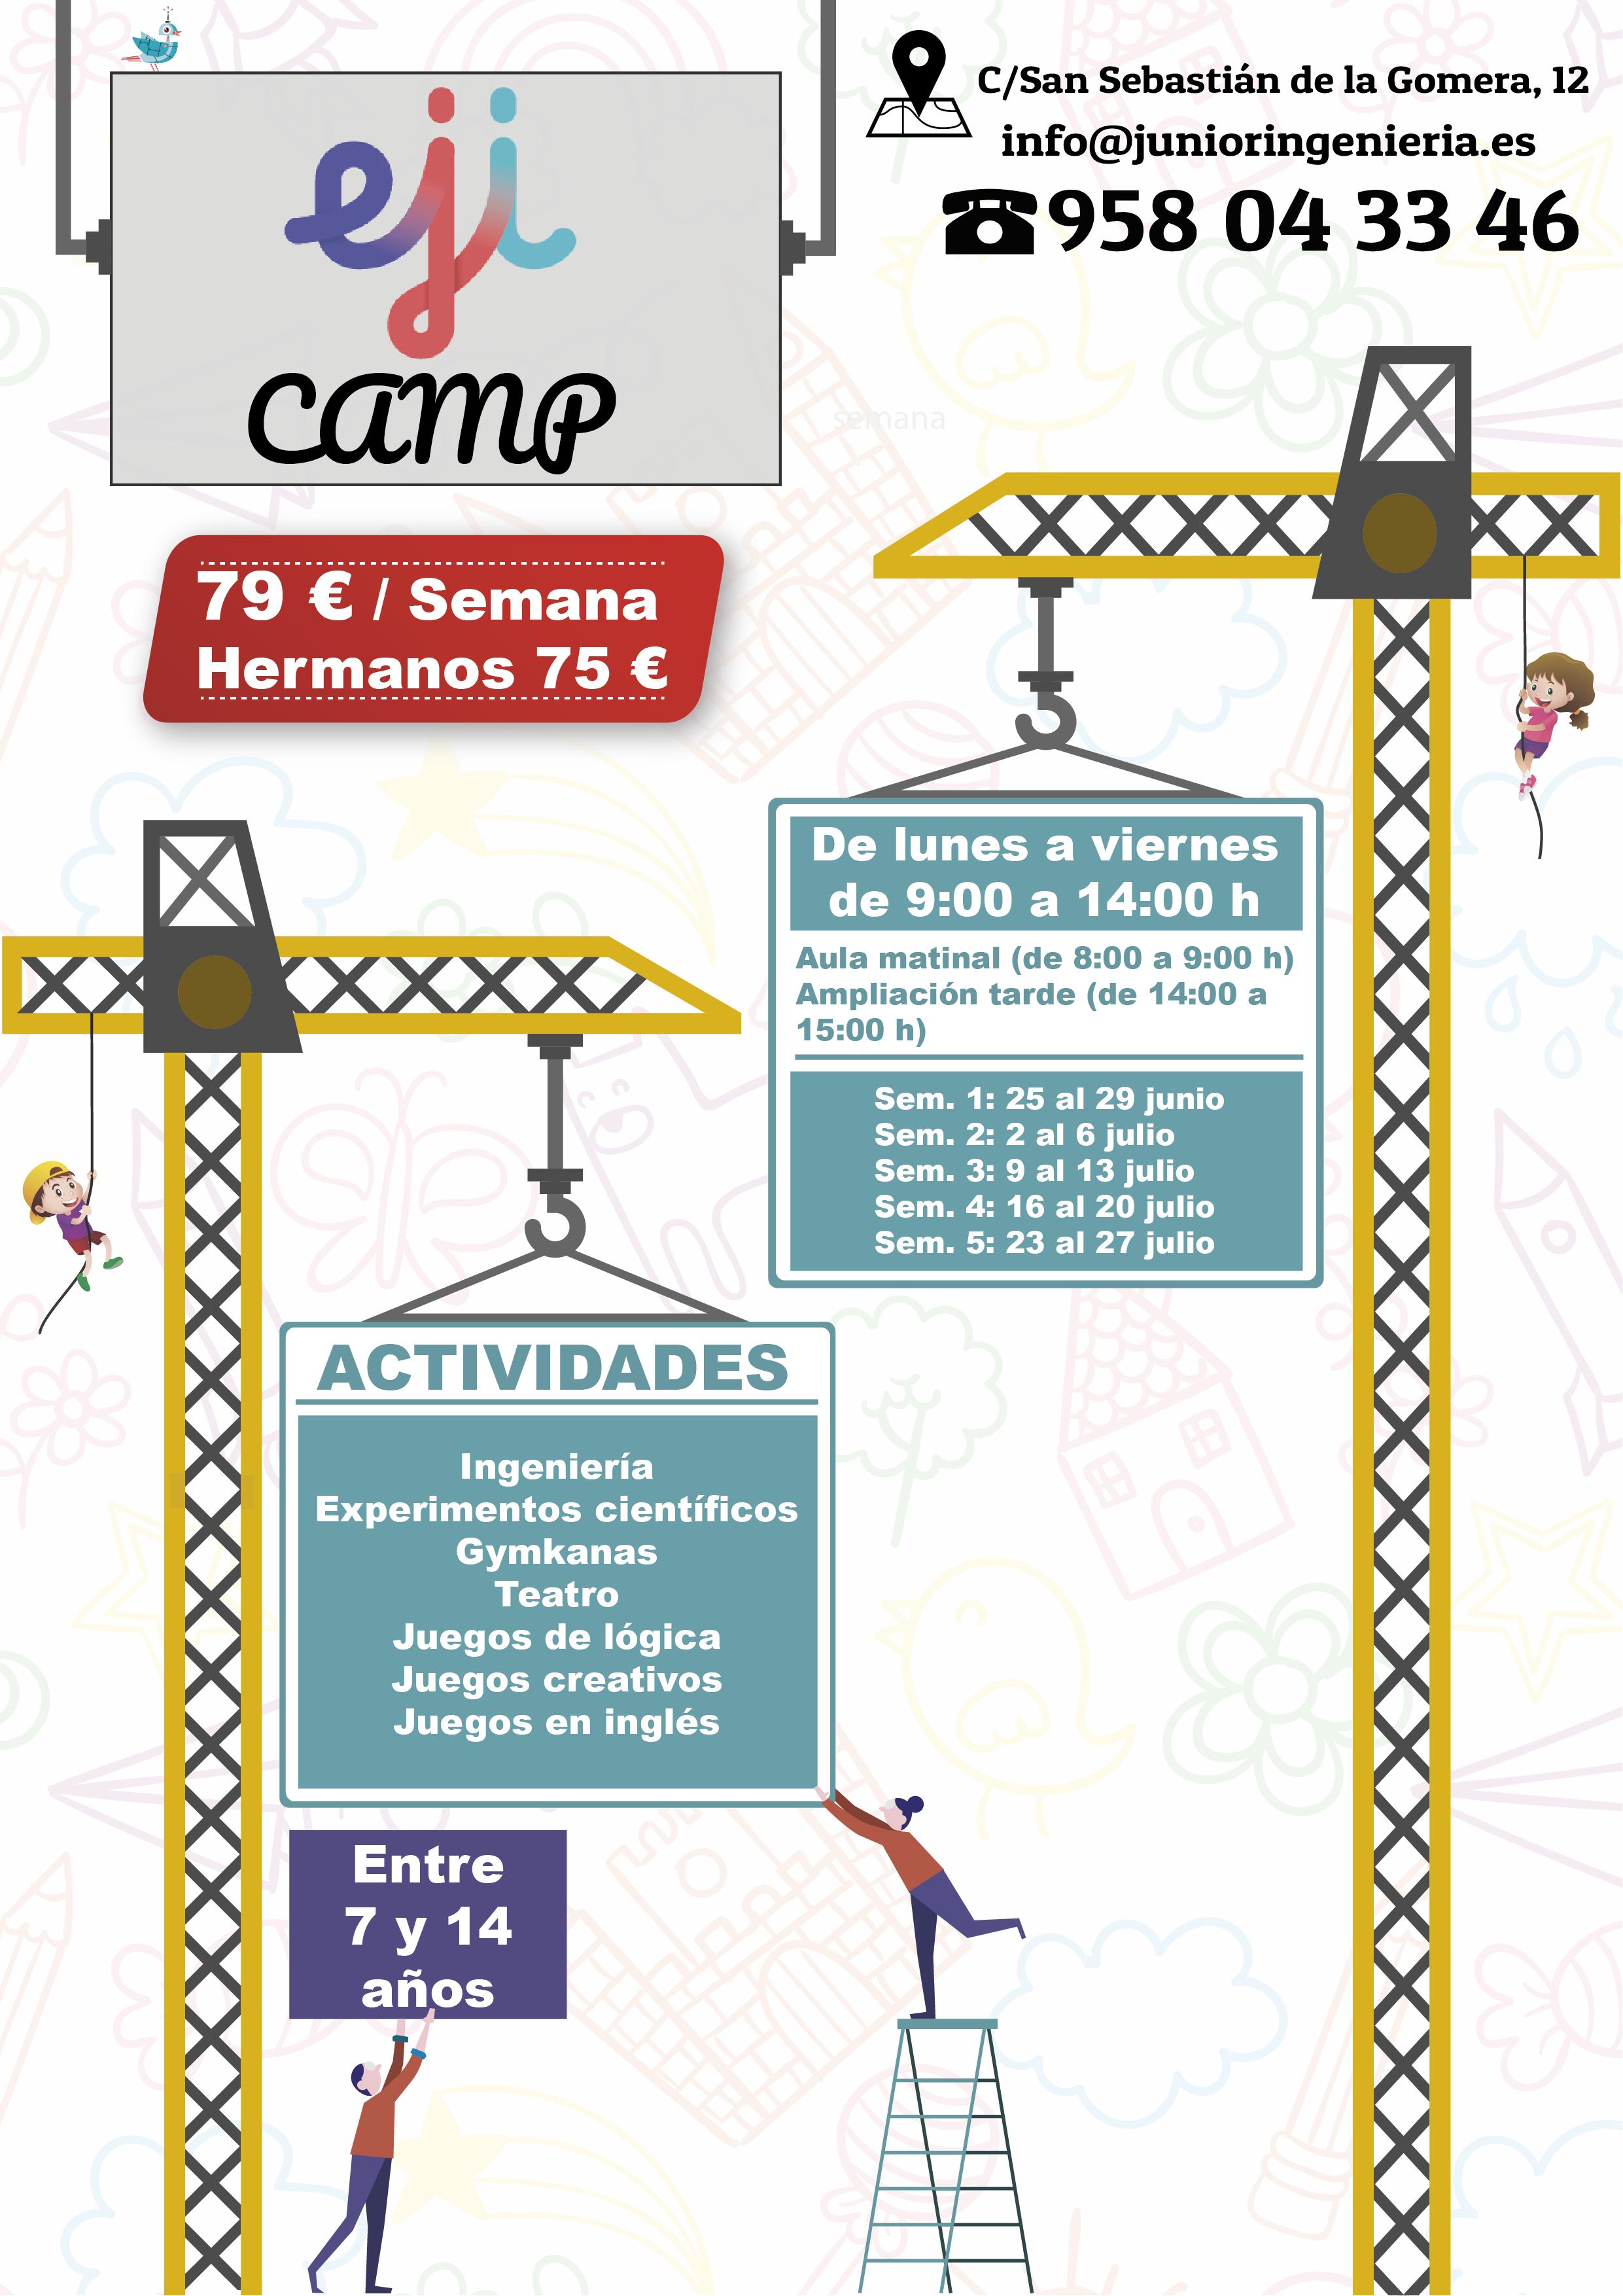 Eji Camp 2018 Un Campamento De Verano Con Ingenieria Y Juegos De